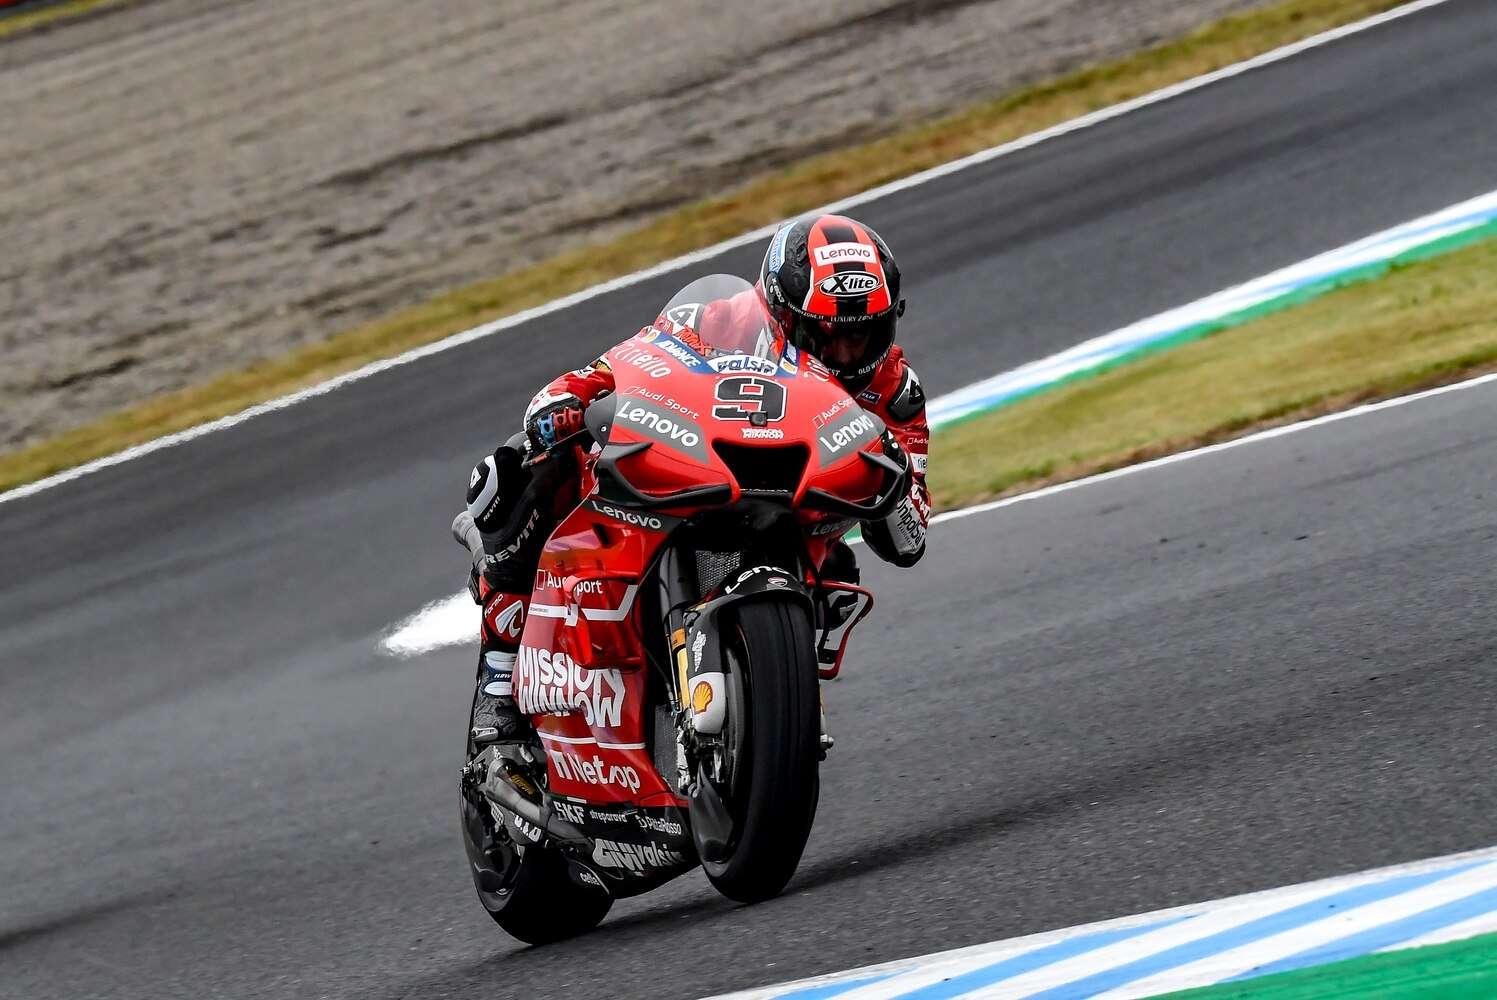 Yamaha Melempem Ducati 'Greng' di FP 3 Motegi